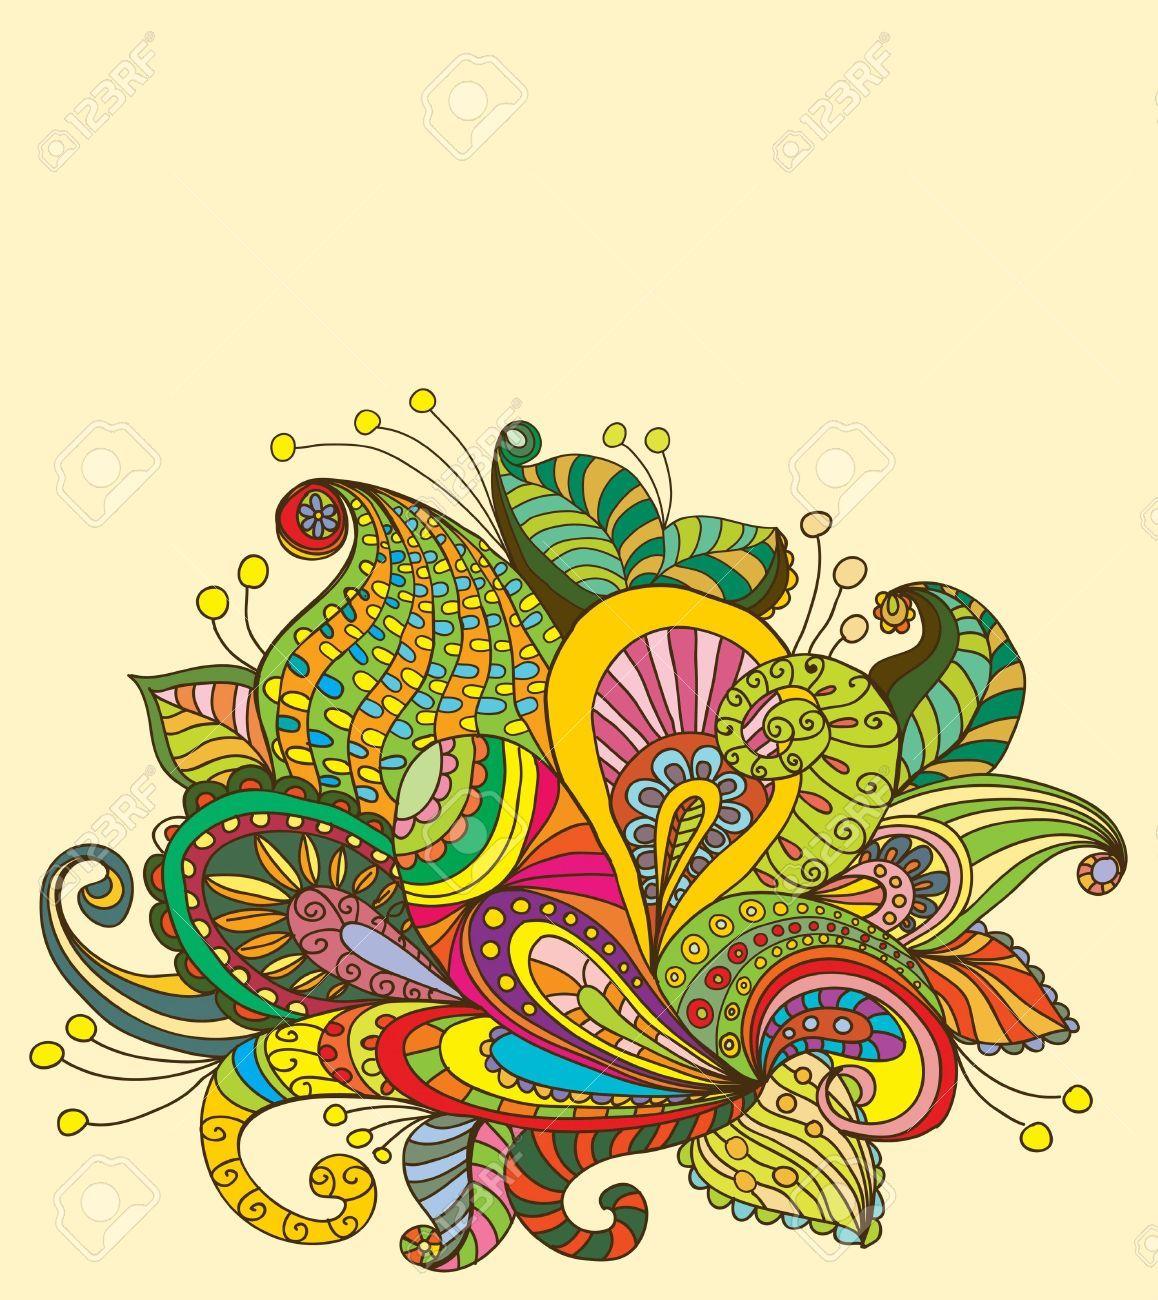 Colored Flower Doodles Doodle Color Floral Background ...